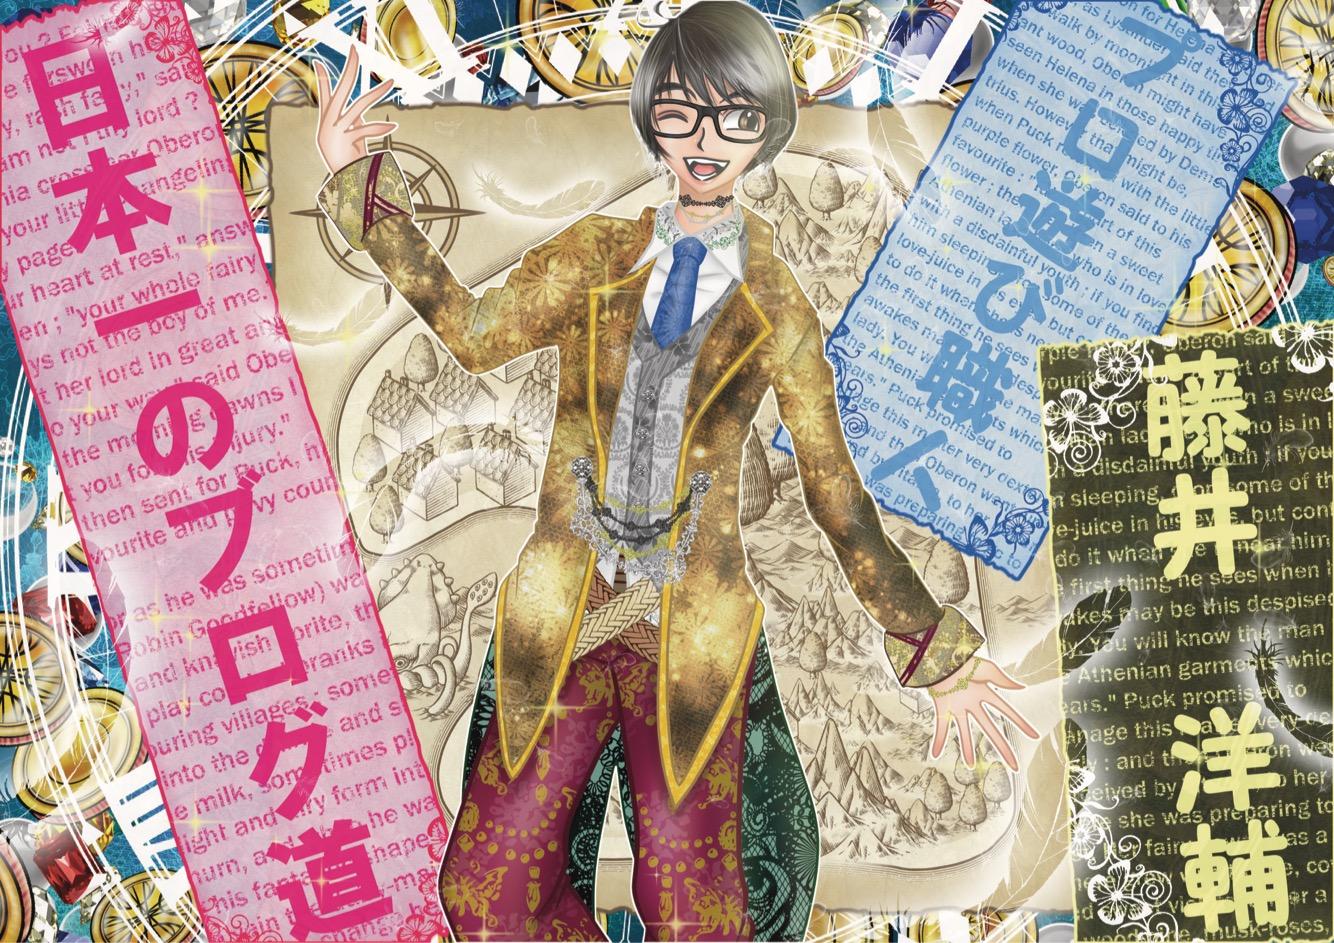 『日本一のブログ道』プロブロガー藤井洋輔(ふじいようすけ)の『新しい遊びを紹介するブログ』@旅BAR名古屋ブログ